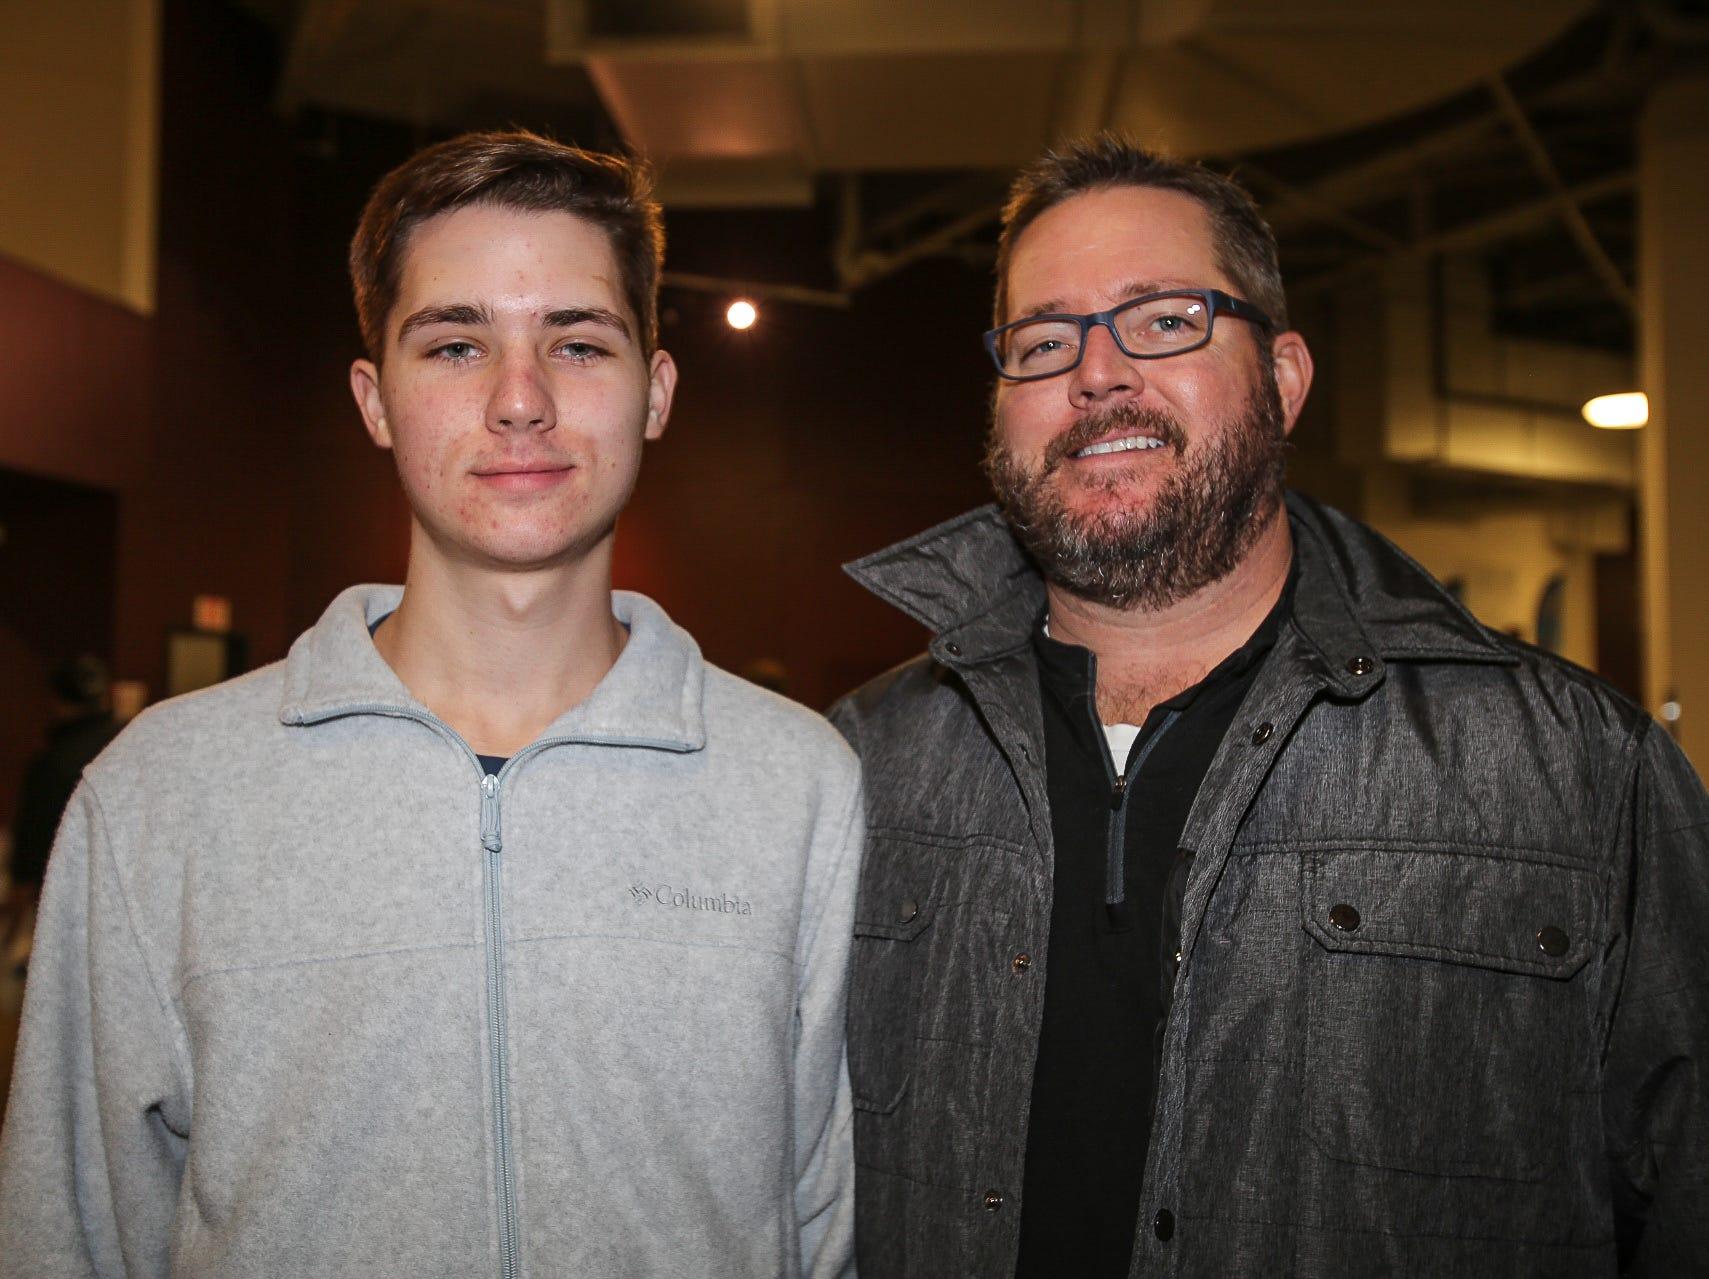 Tyler and Jason Johnson